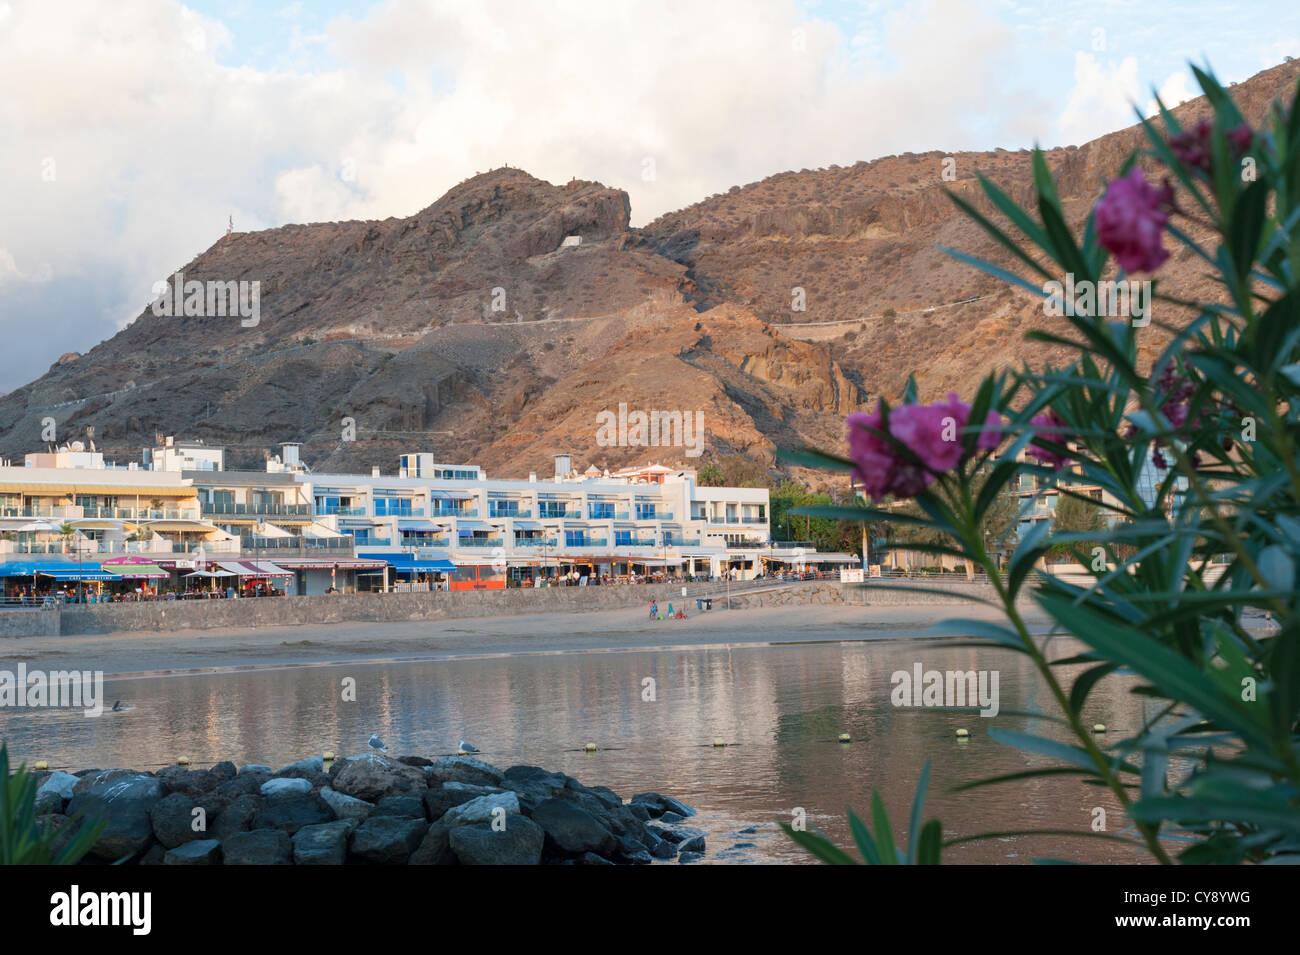 Direkt am Meer und Strand von Puerto de Mogan Gran Canaria Kanaren Spanien im Abendlicht Stockbild